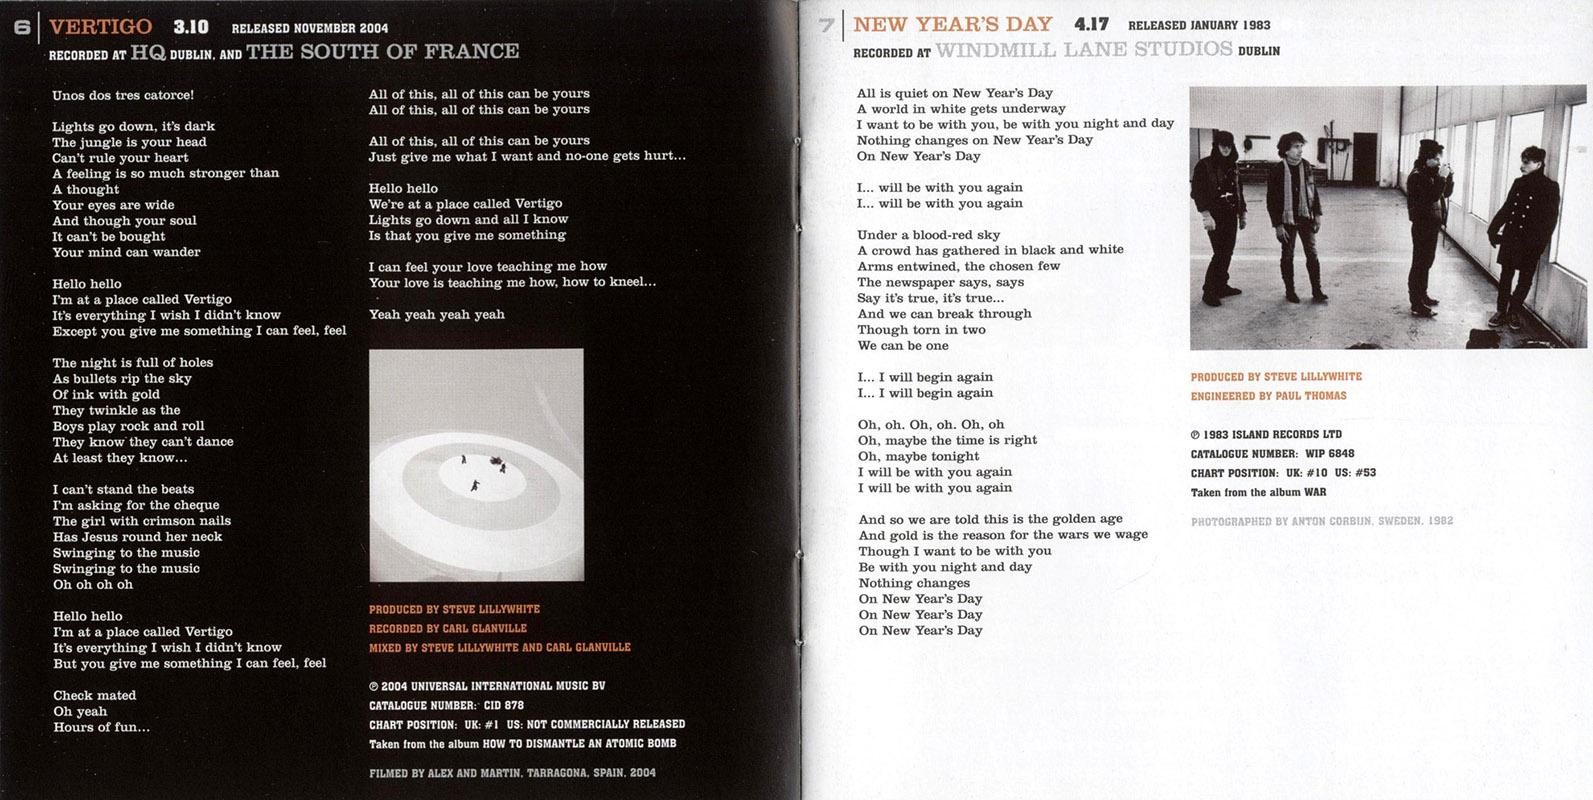 Encartes pop encarte u2 u218 singles uk edition no reino unido assim como tambm no japo e austrlia a coletnea inclui uma faixa a mais o single i will follow ccuart Images